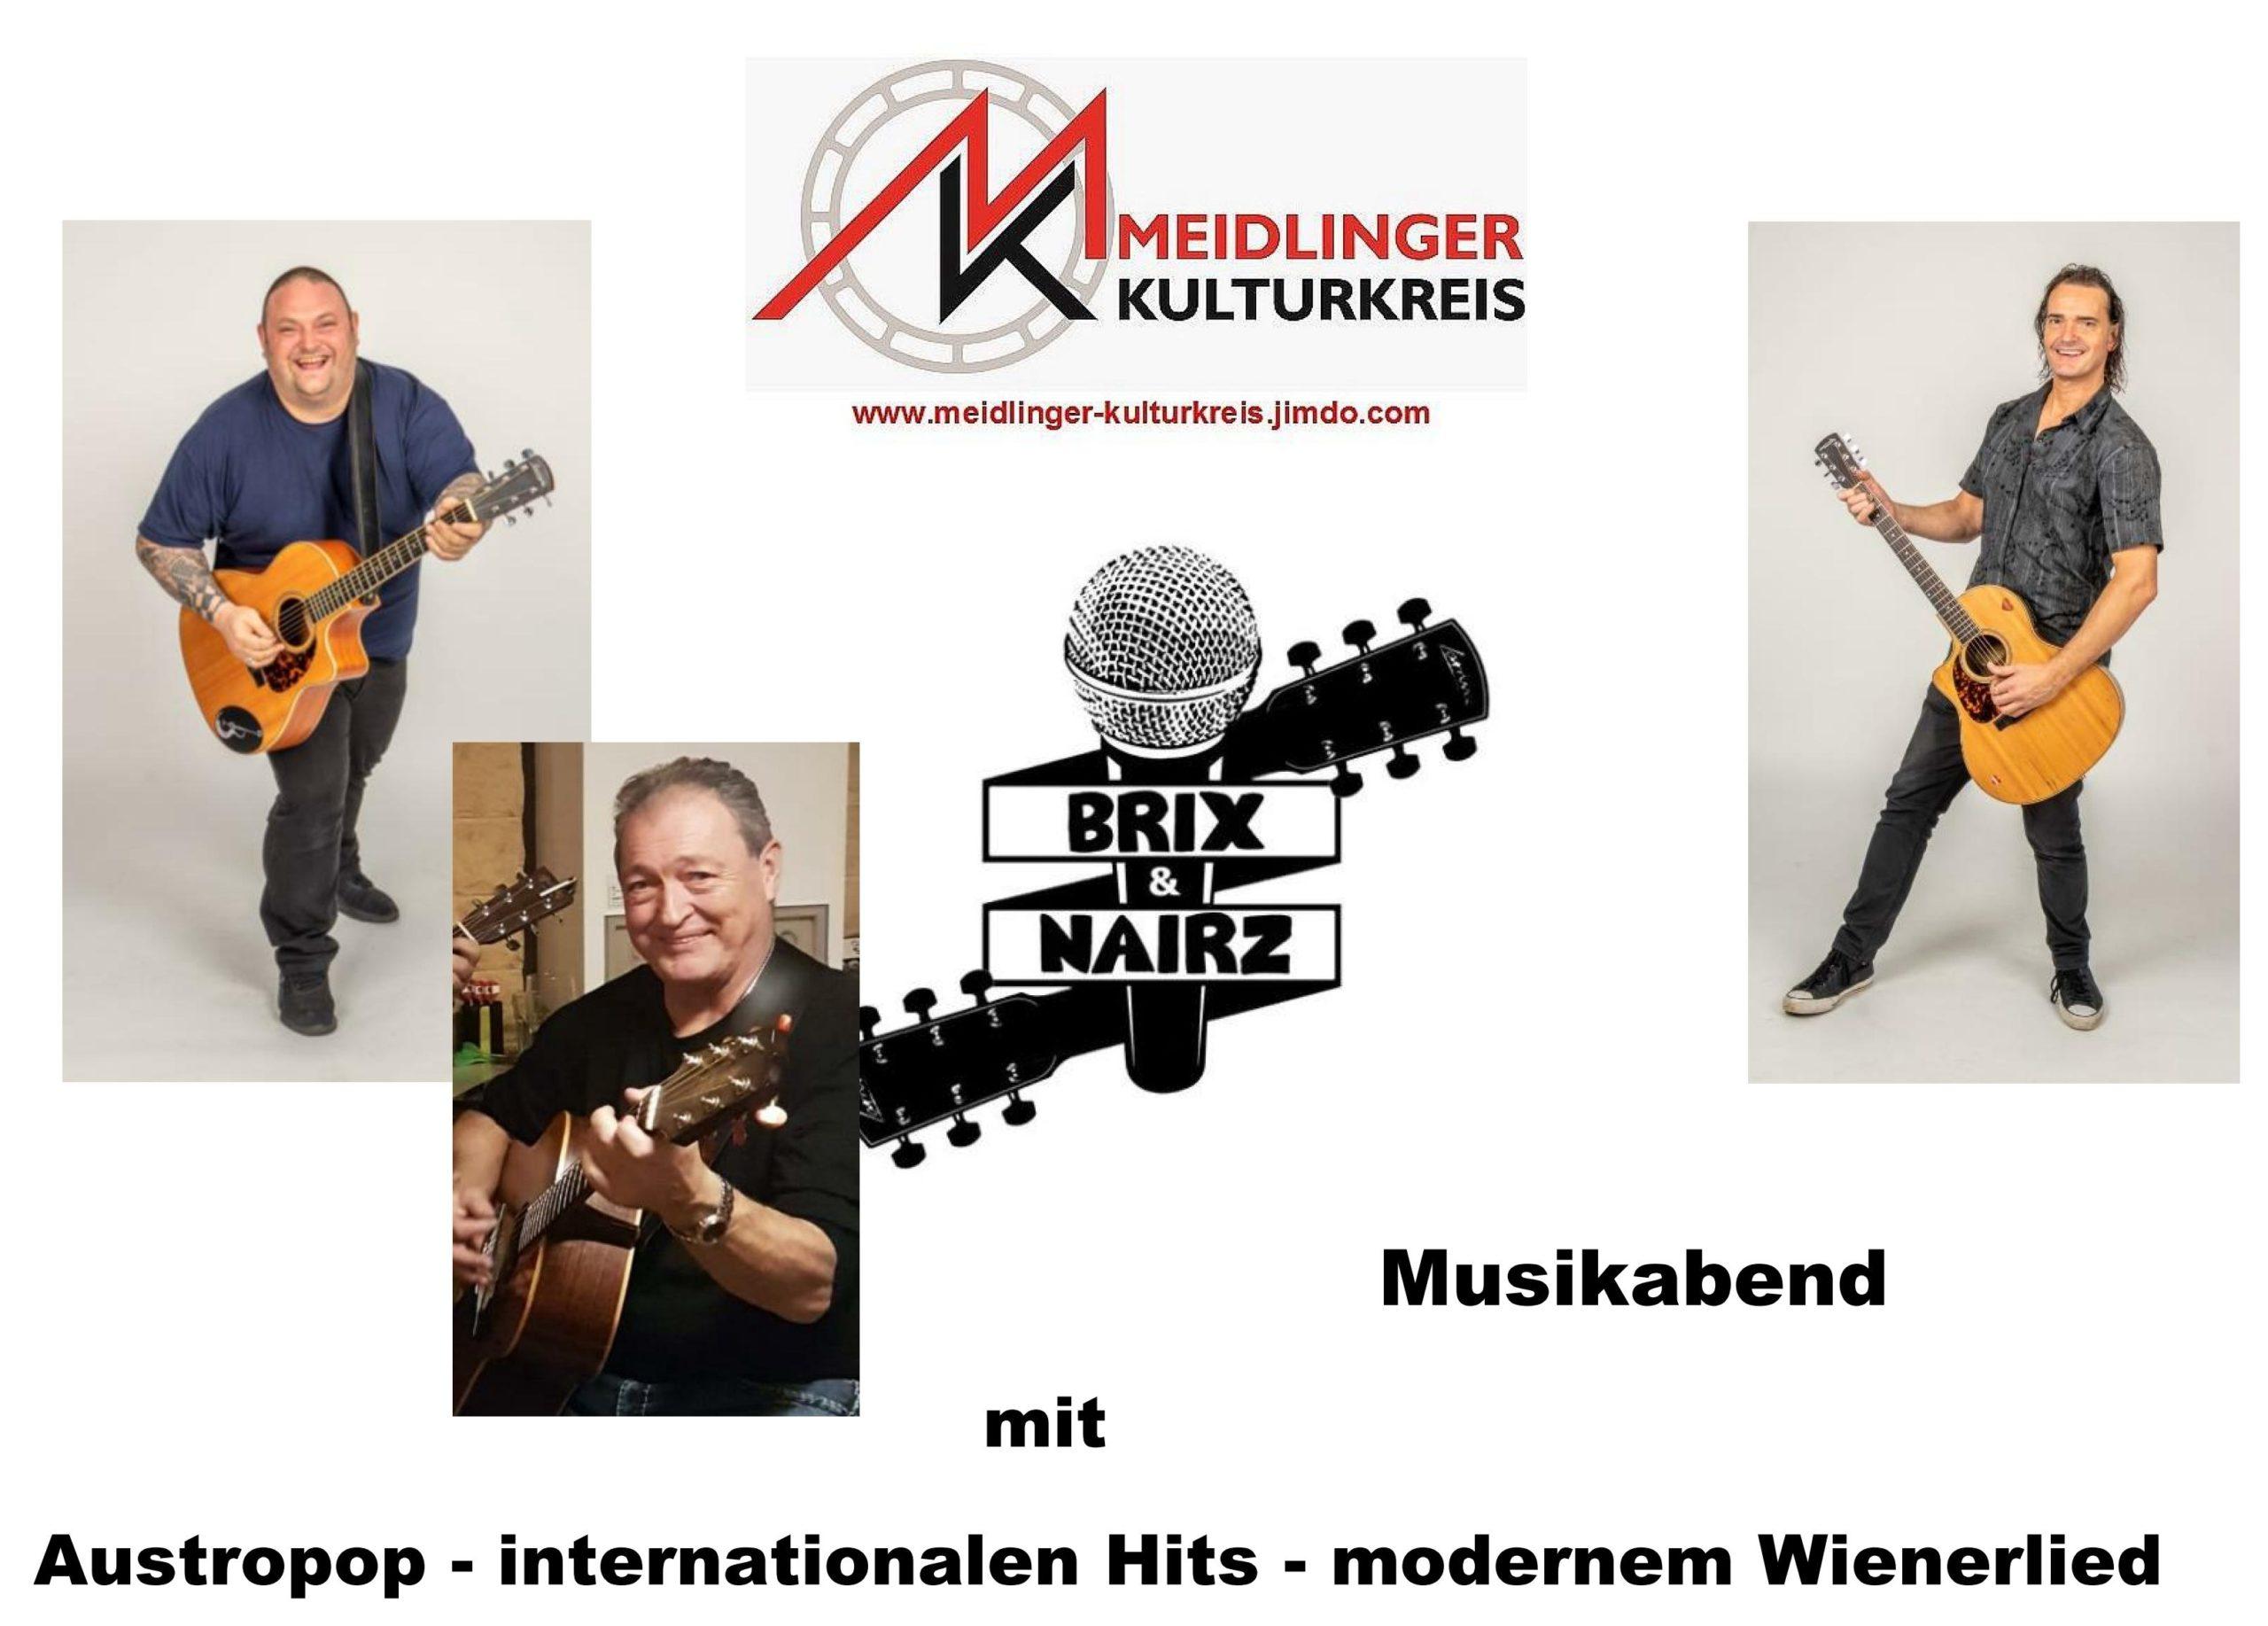 Brix & Nairz - Musikabend